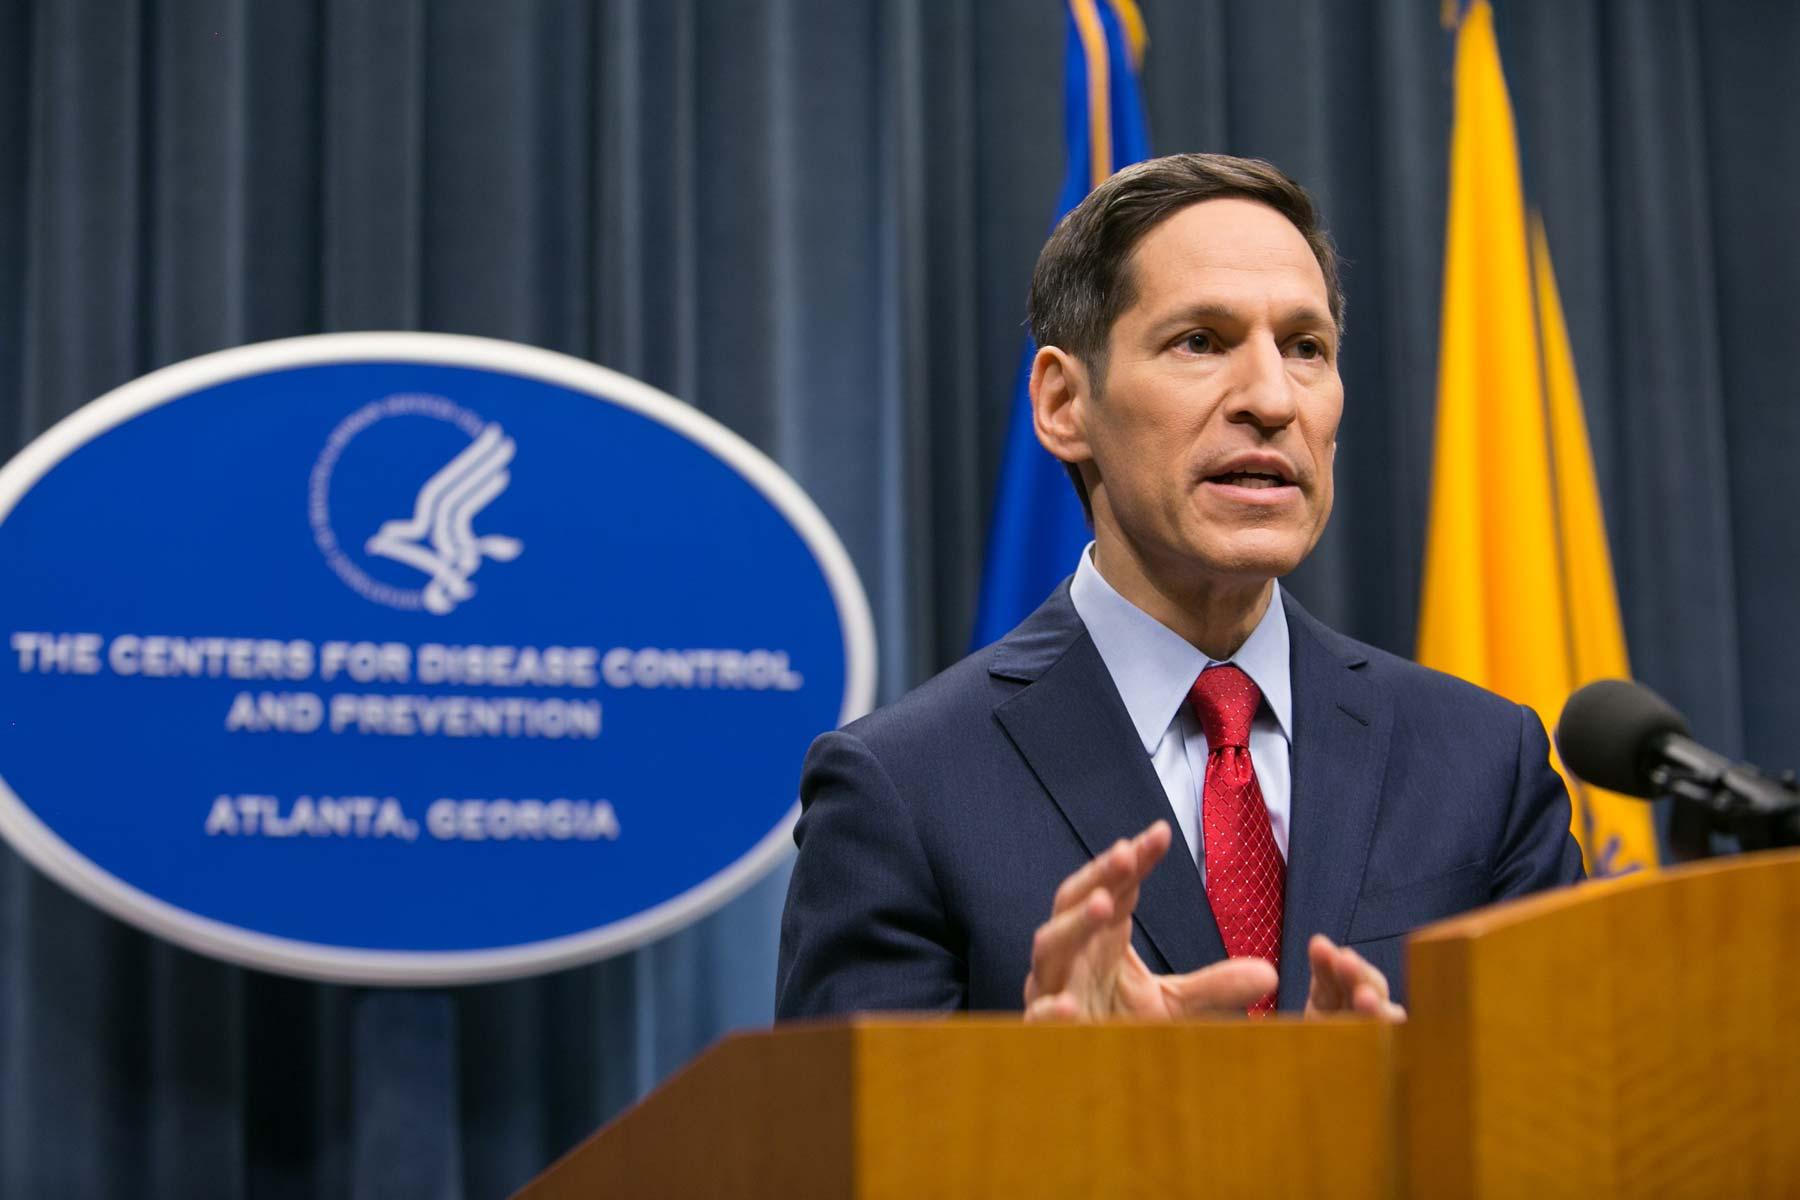 Then CDC Chief Dr. Thomas Frieden Updates Media